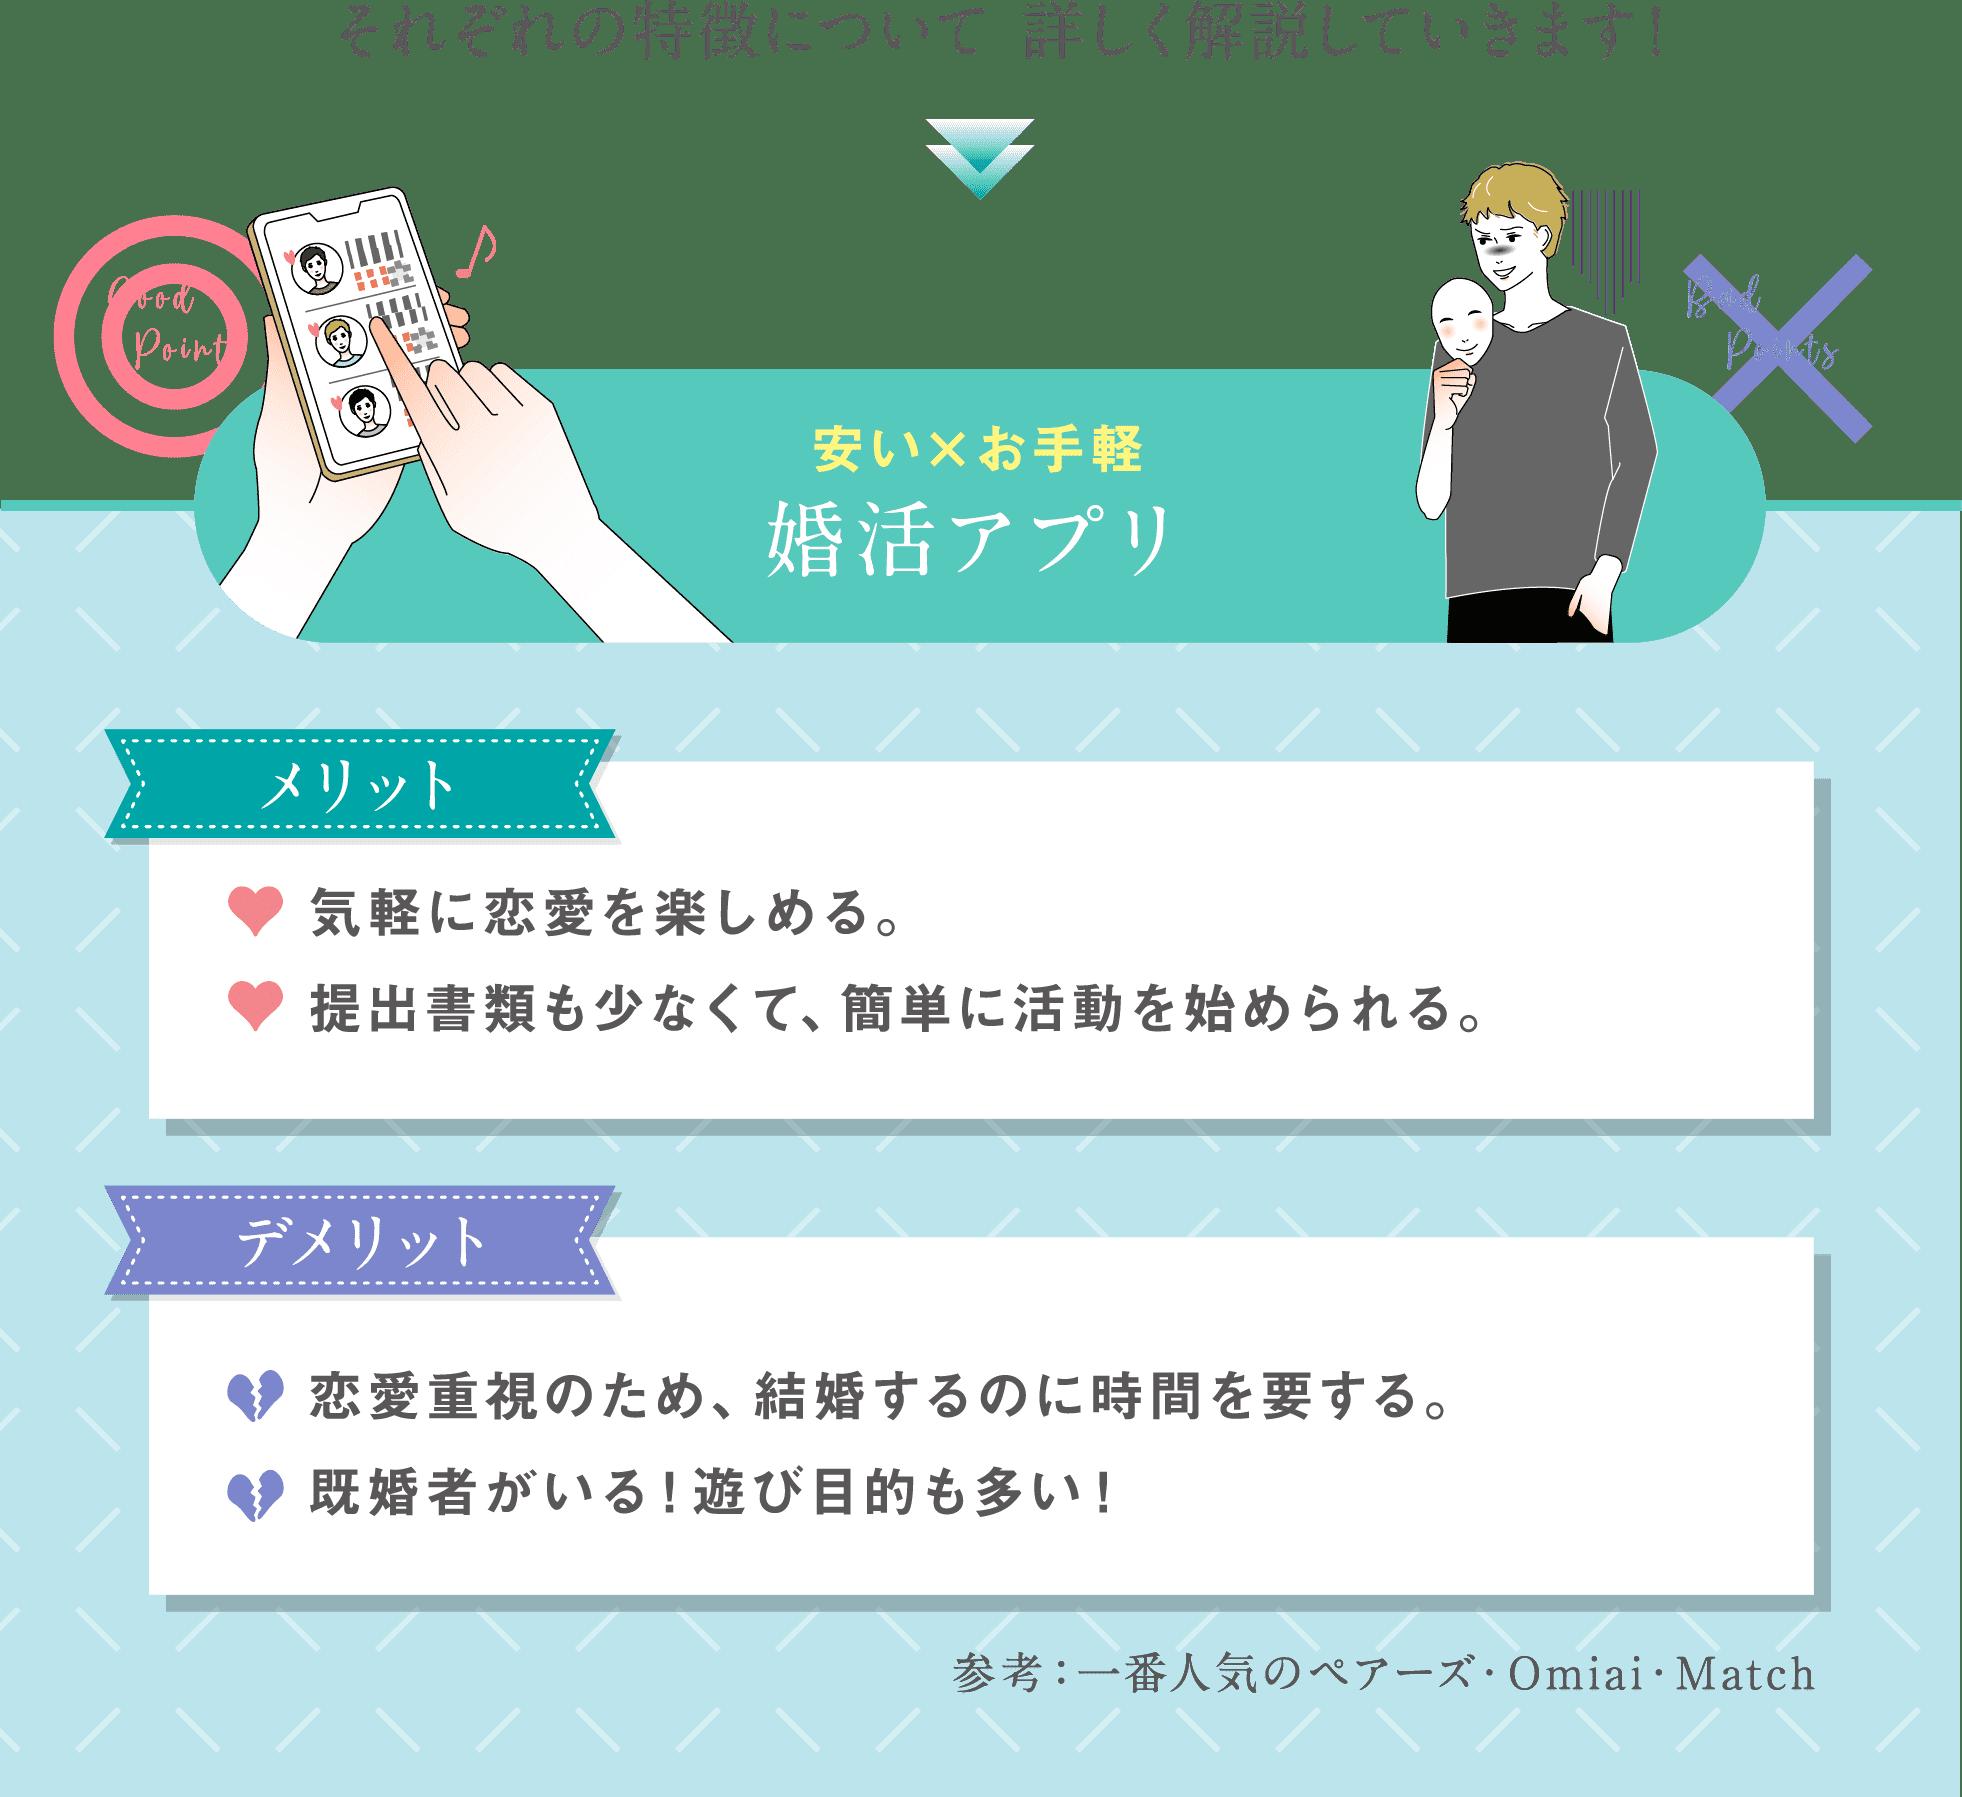 ganmi,婚活,それぞれの特長について詳しく解説していきます!